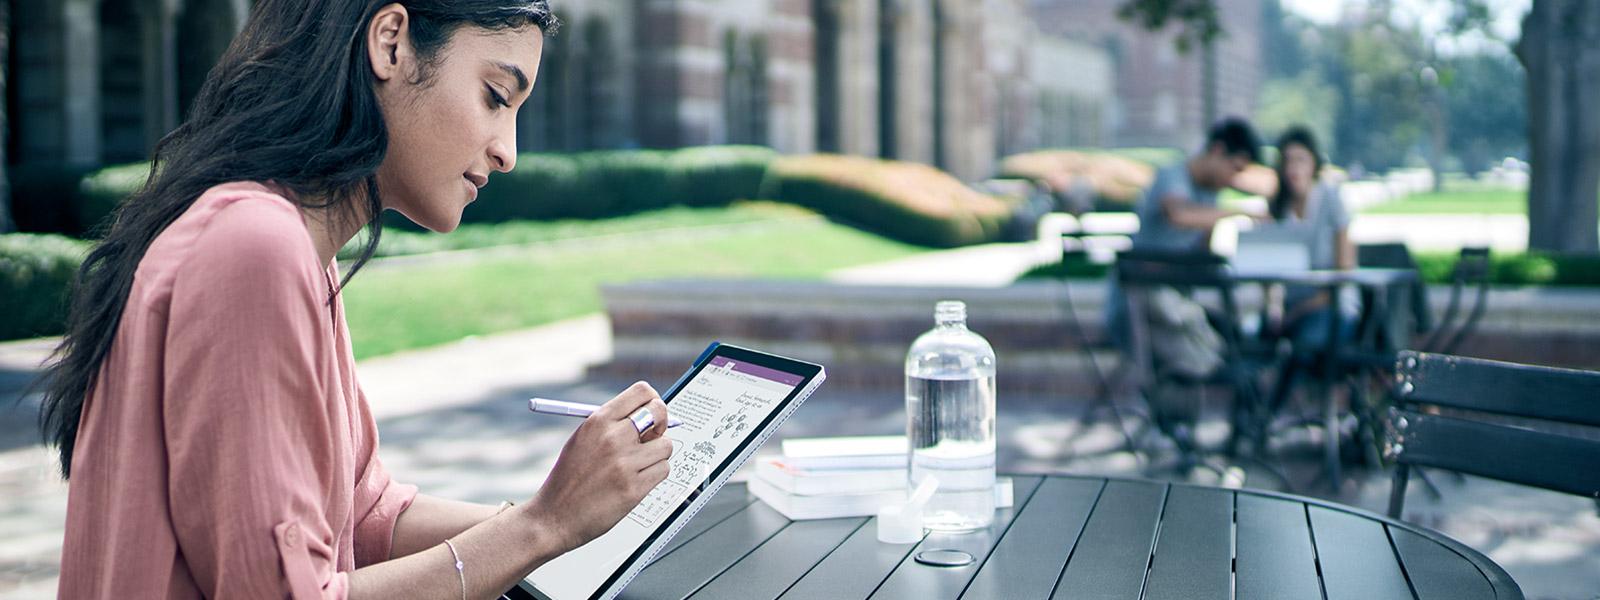 Kobieta siedząca na zewnątrz i korzystająca z ekranu dotykowego urządzenia Surface Pro 4 w trybie tabletu